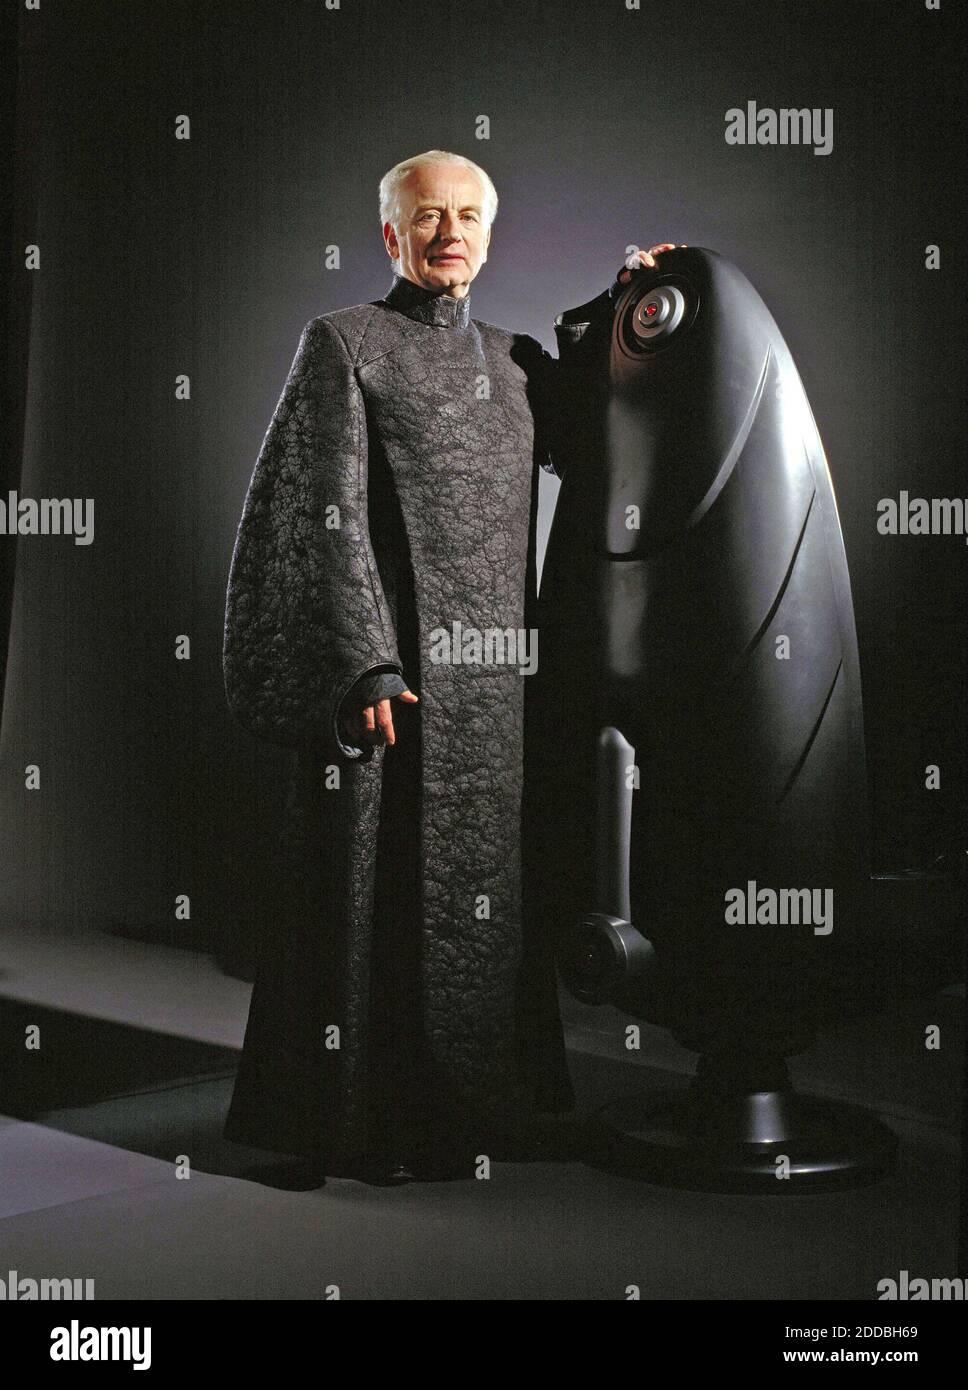 KEIN FILM, KEIN VIDEO, KEIN TV, KEIN DOKUMENTARFILM - Senator Palpatine (Ian McDiarmid) in einer imposanten Federation Tunika am Set des Films Star Wars. Foto von KRT/ABACAPRESS.COM Stockfoto